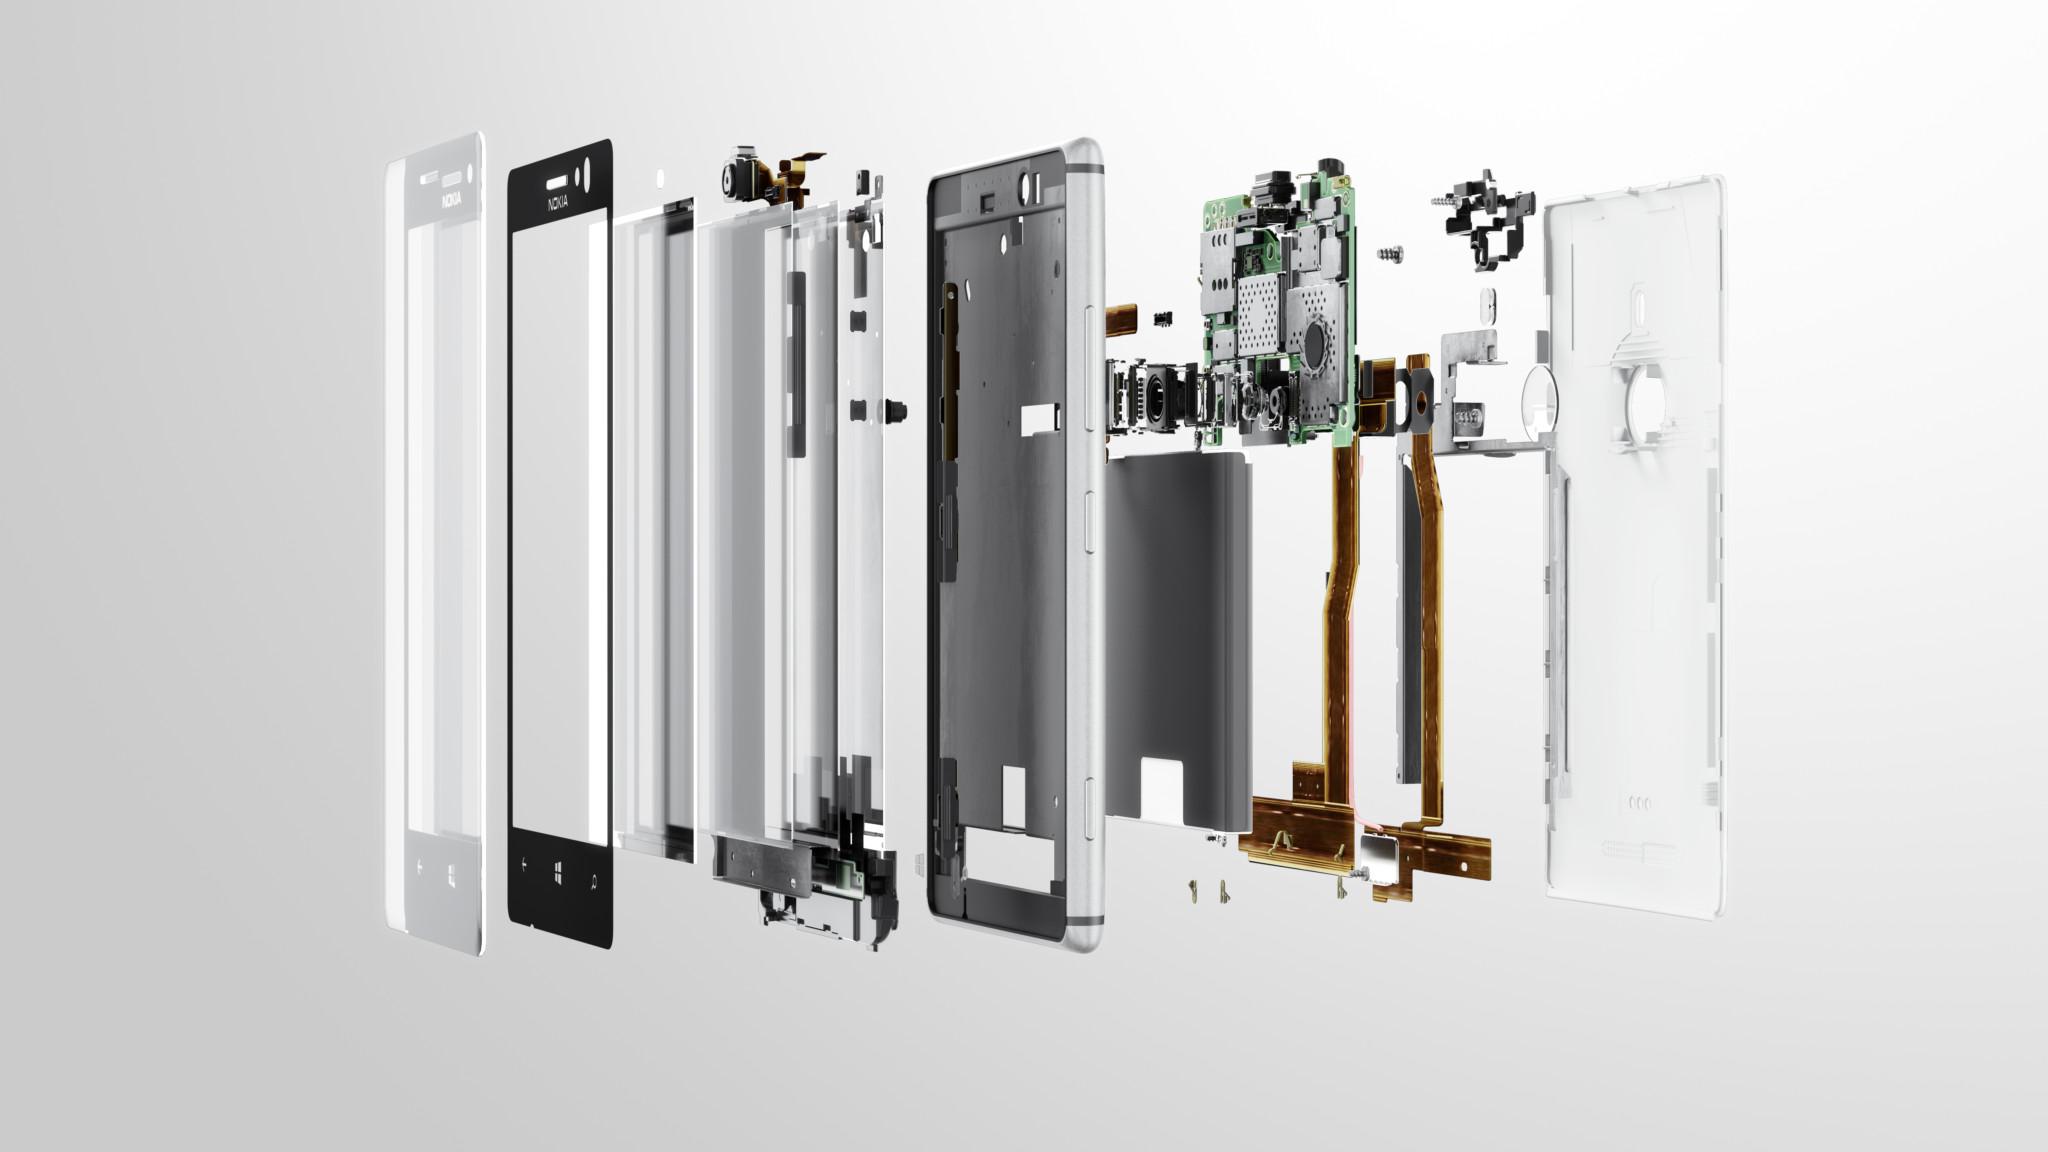 Lumia 925 rozložena na součástky [detailní obrázky, video]